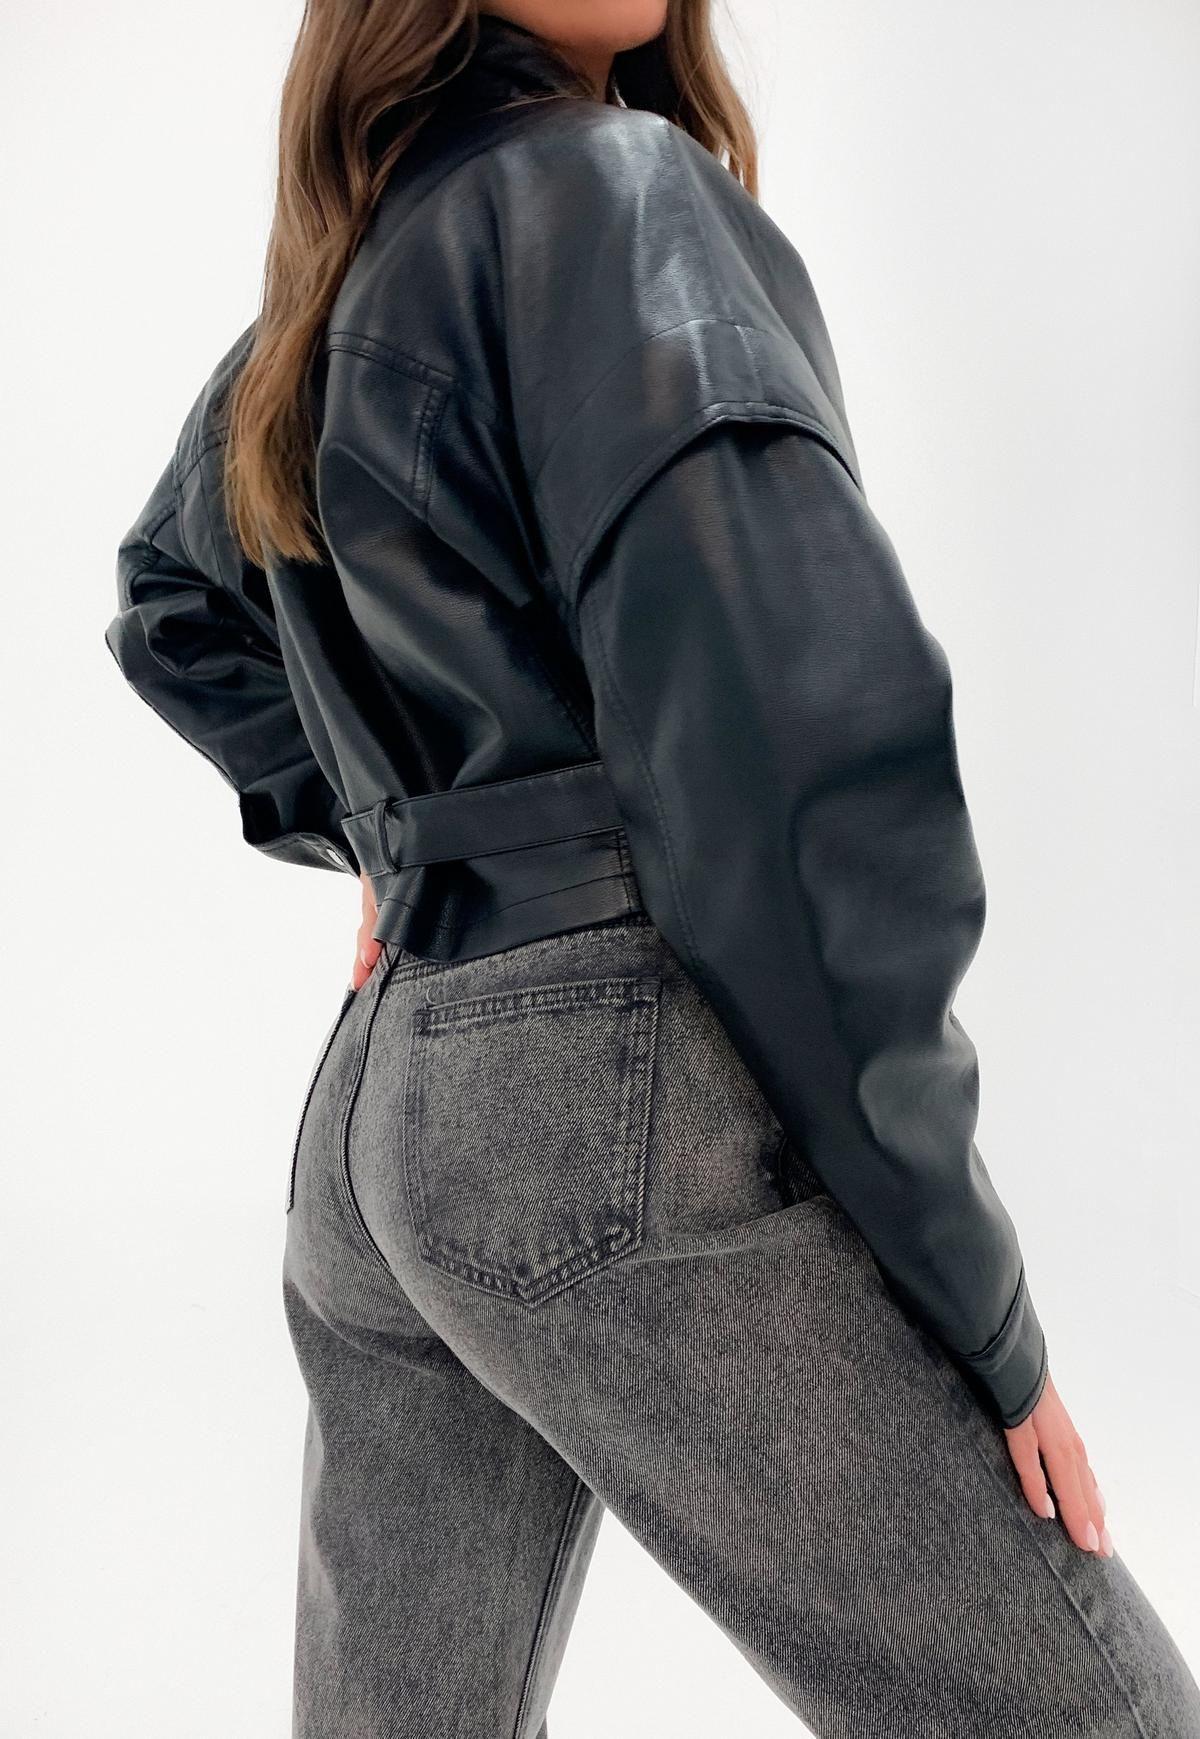 Missguided Black Drop Shoulder Belted Biker Jacket Biker Jacket Faux Leather Biker Jacket Jackets [ 1739 x 1200 Pixel ]